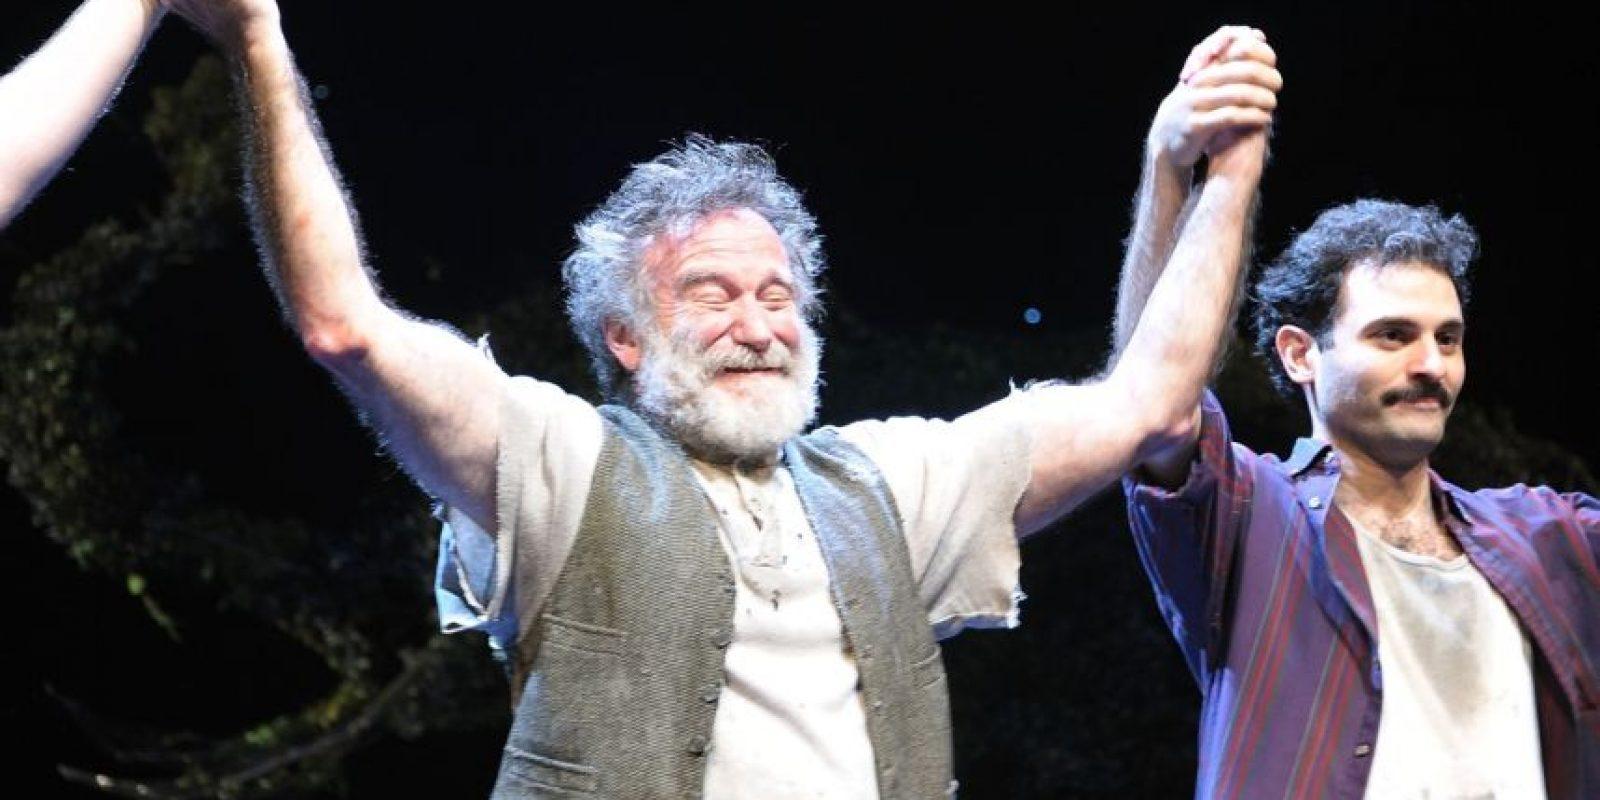 El actor pasaba por momentos de depresión Foto:Getty Images